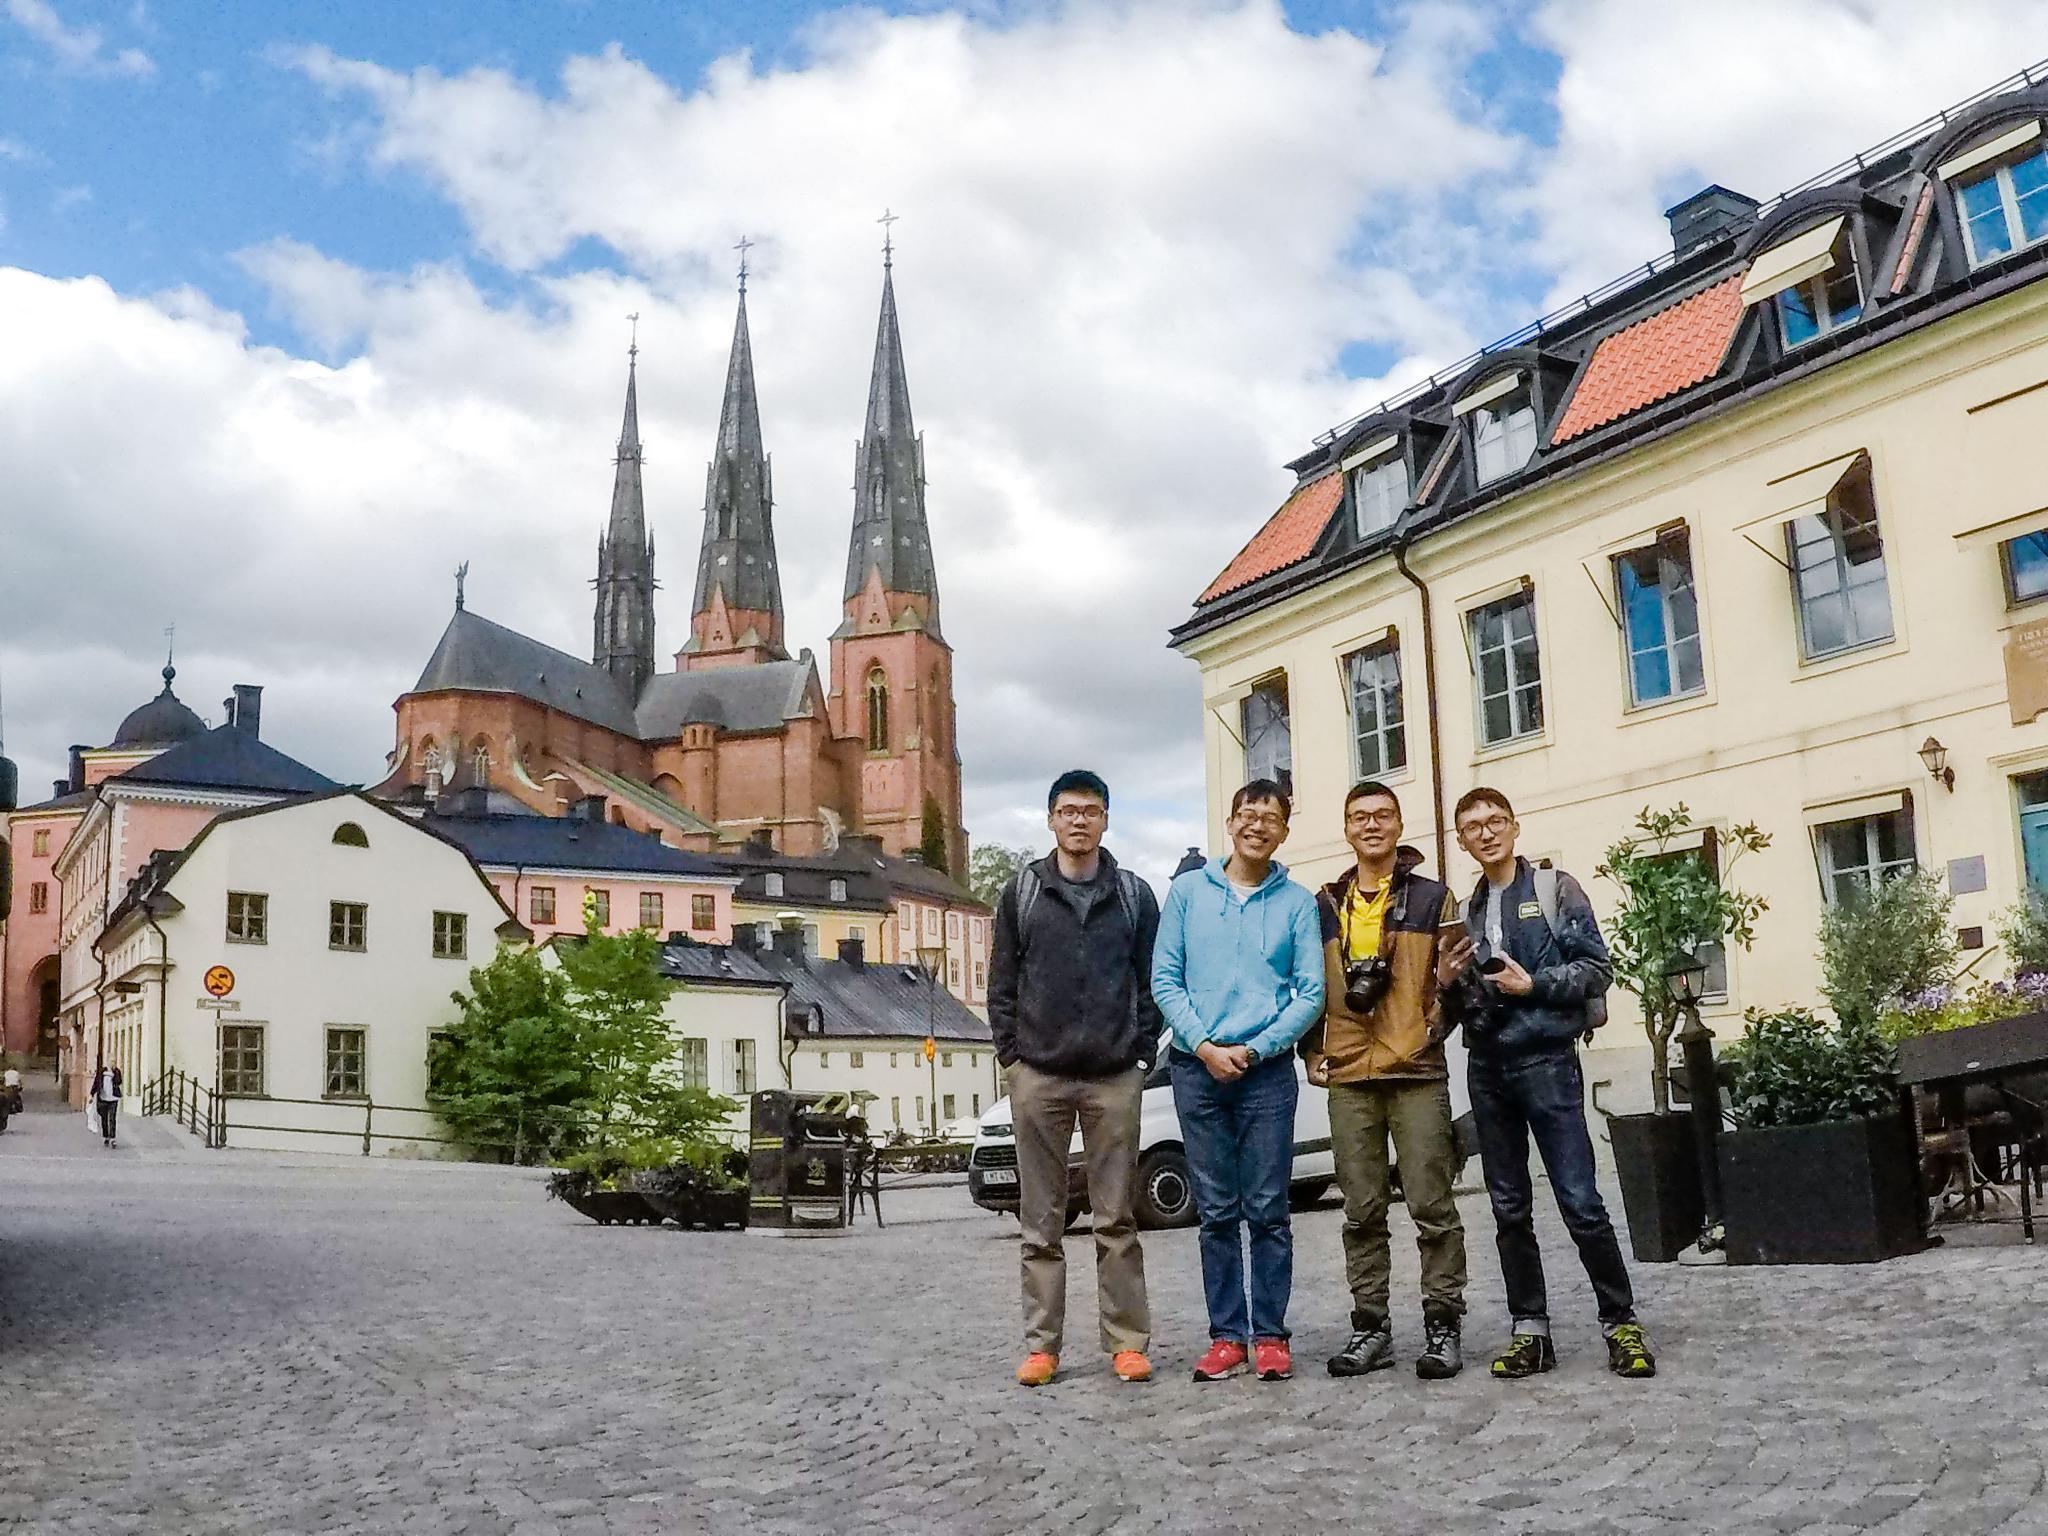 【北歐景點】瑞典的歷史縮影 — 老城烏普薩拉(Uppsala)的人文風景 8